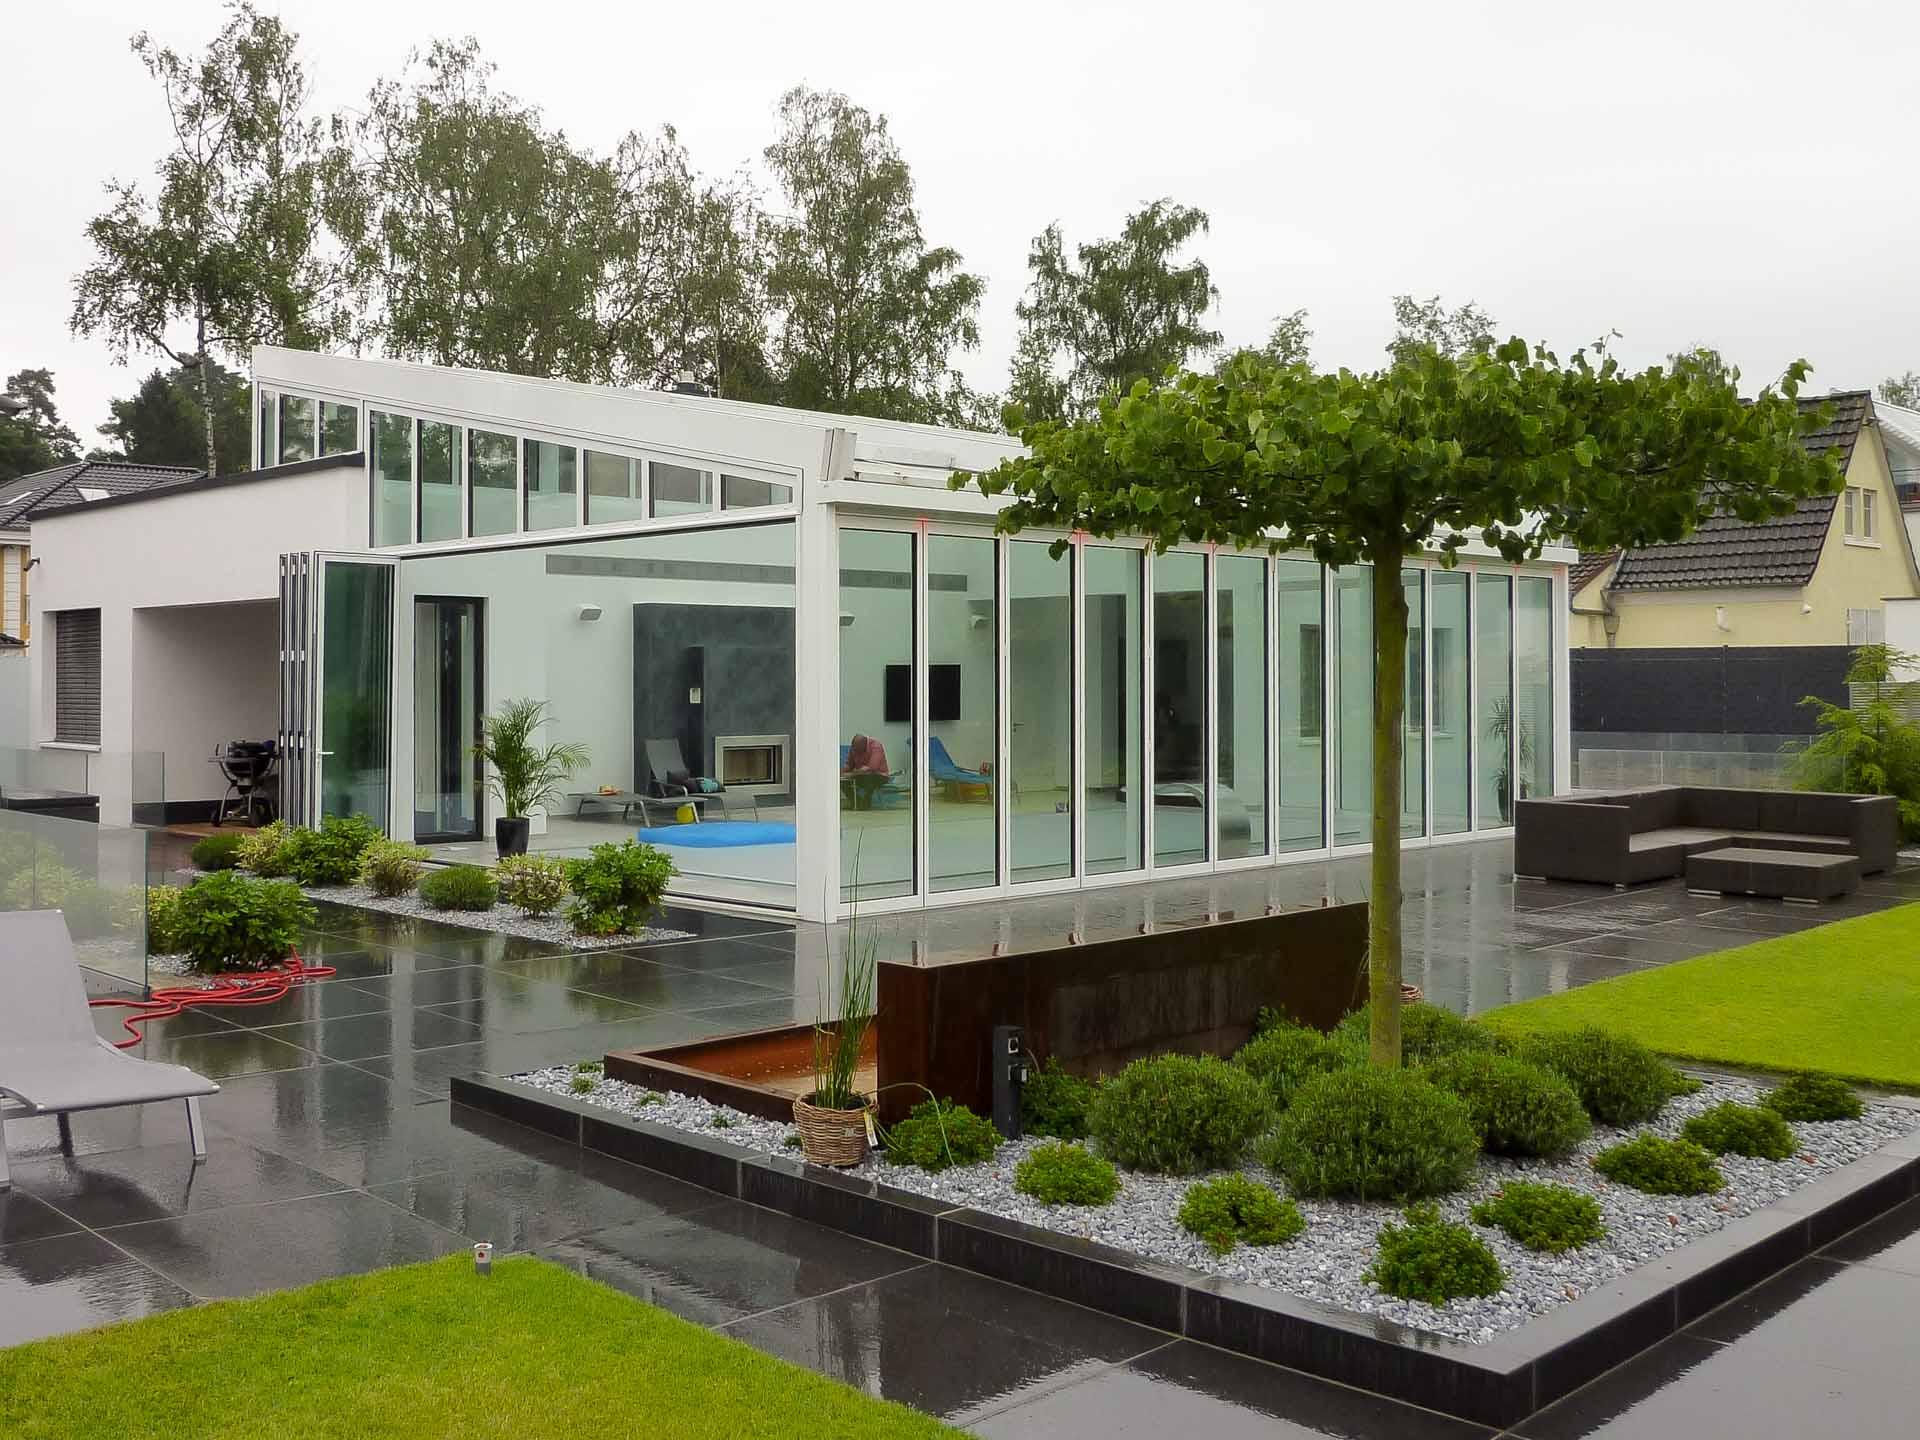 Wintergarten mit OpenAir-Schiebedach in Köln (Objekt 1166). Poolhaus mit öffnenbarem OpenAir-Glas-Schiebedach und umseitigen Schiebefaltanlagen. Die Grundfläche ist 12 m x 10 m.